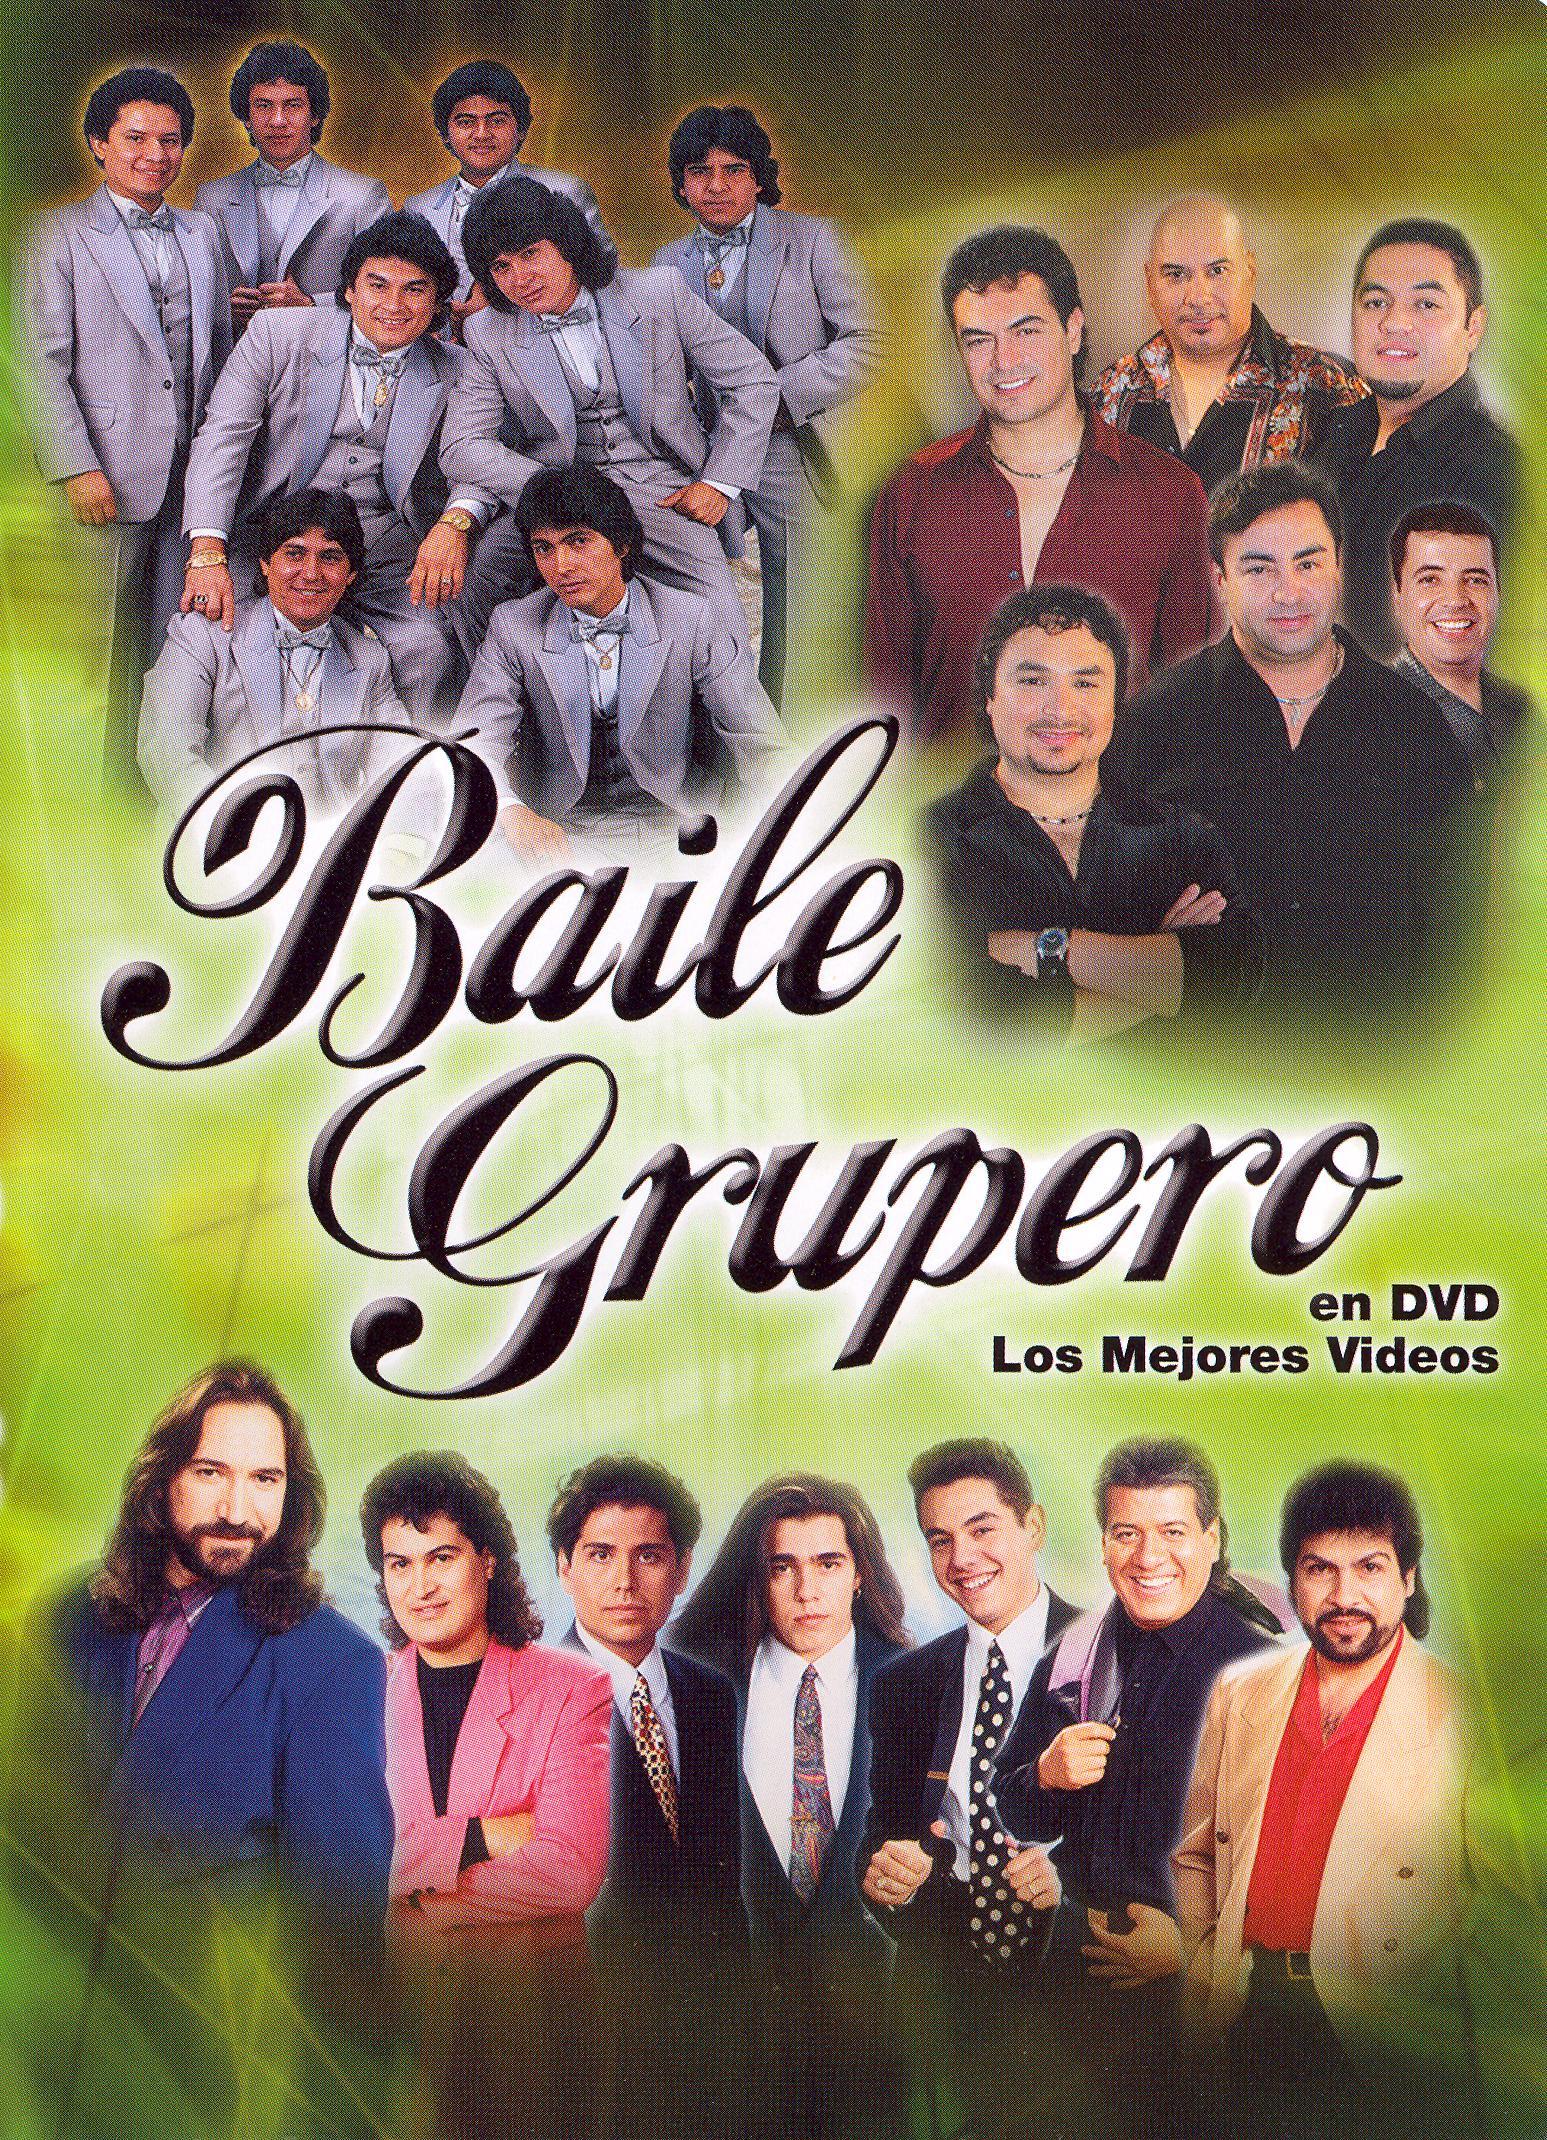 Baile Grupero en DVD